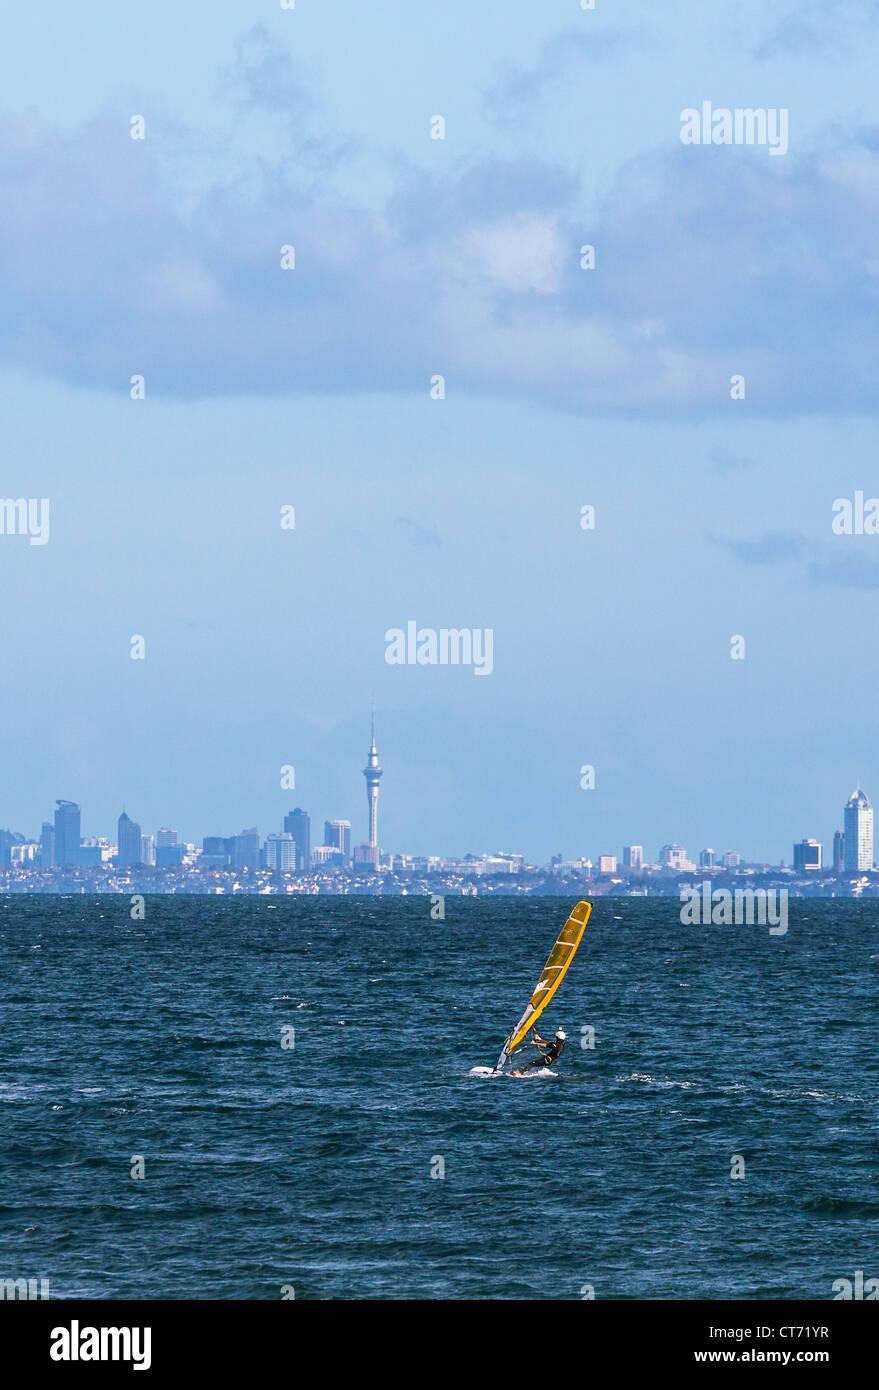 Planche à voile mer paysage urbain de l'eau sport Photo Stock